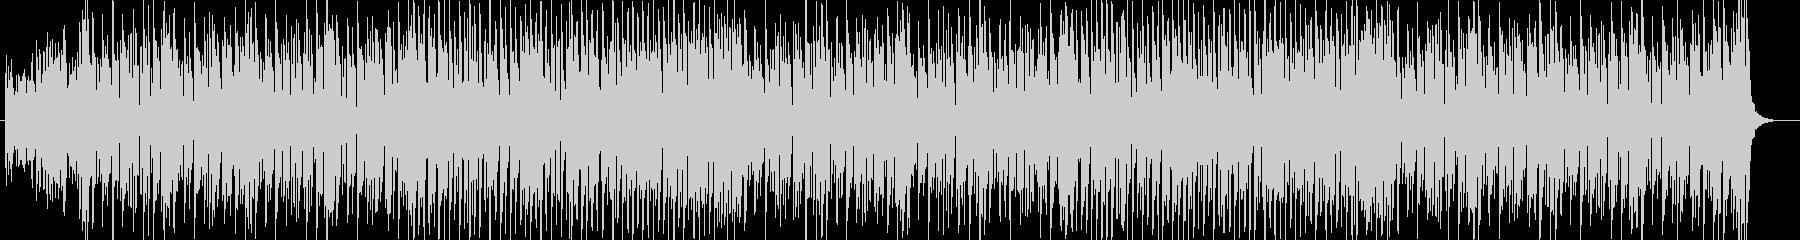 アップテンポなシンセサイザーのポップな曲の未再生の波形